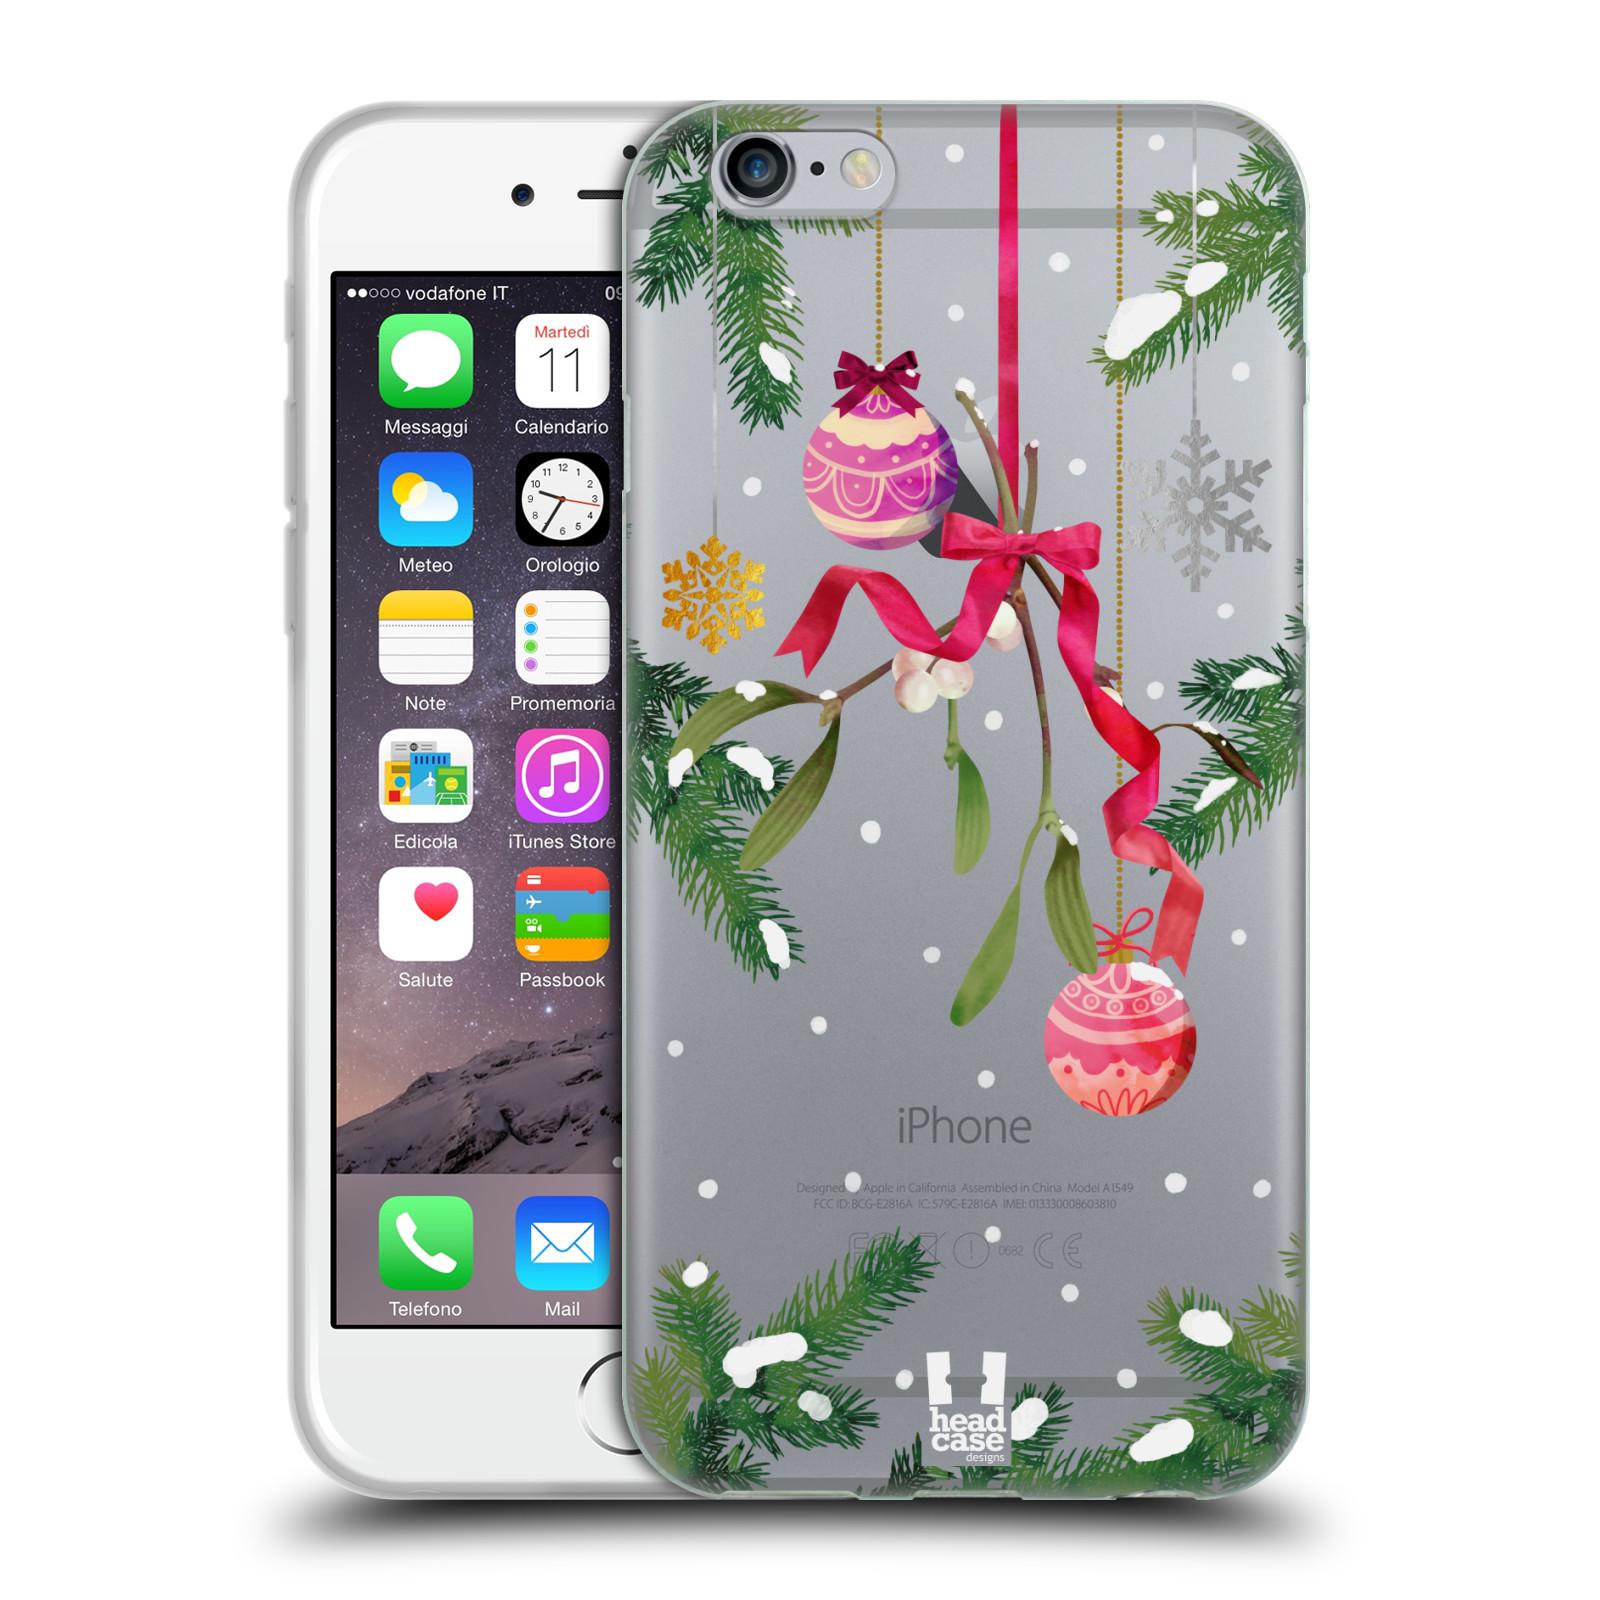 Silikonové pouzdro na mobil Apple iPhone 6 - Head Case - Větvičky a vánoční ozdoby